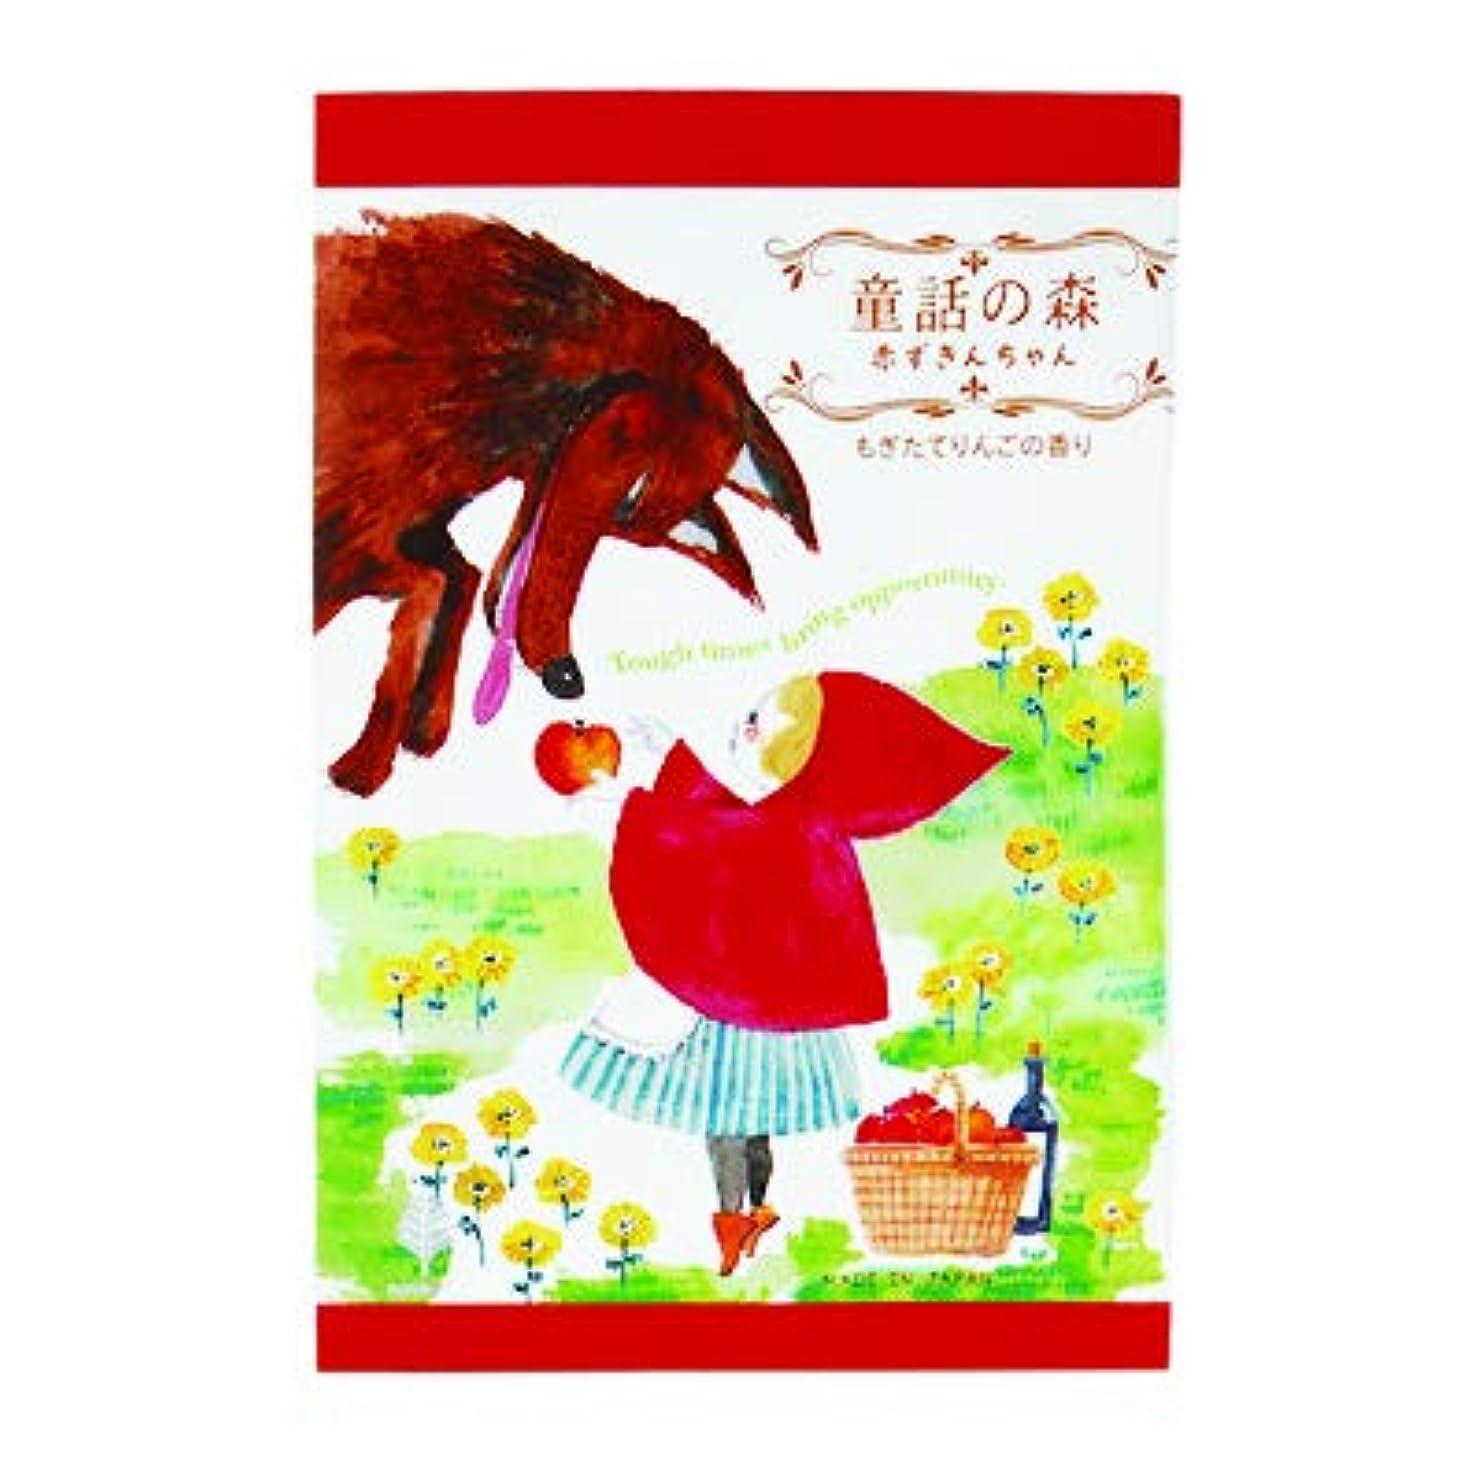 スーパー統治する高原【まとめ買い3個セット】 童話の森 赤ずきんちゃん